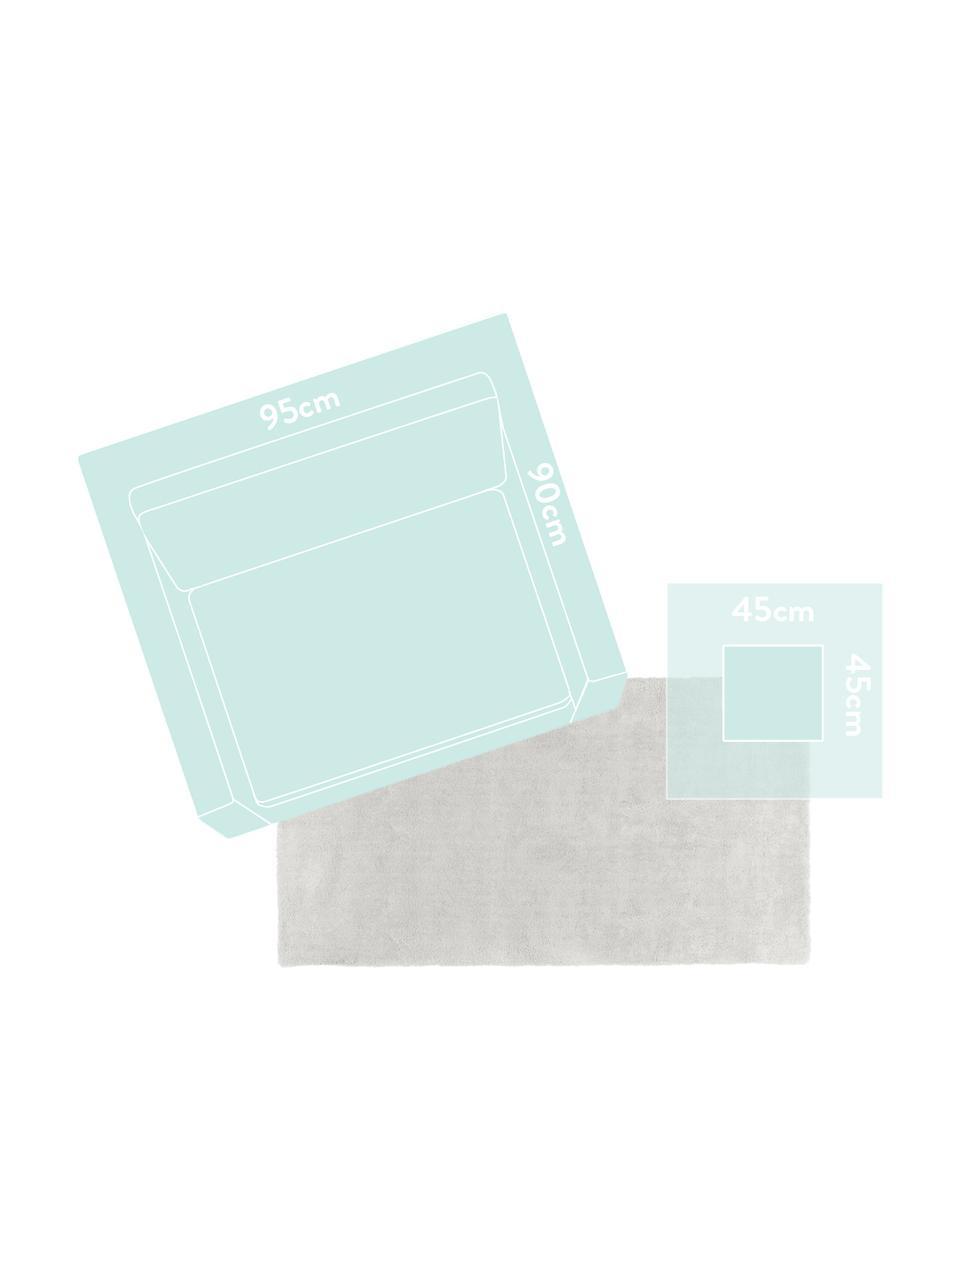 Tappeto morbido a pelo lungo grigio chiaro Leighton, Retro: 70% poliestere, 30% coton, Grigio chiaro, Larg.160 x Lung. 230 cm  (taglia M)